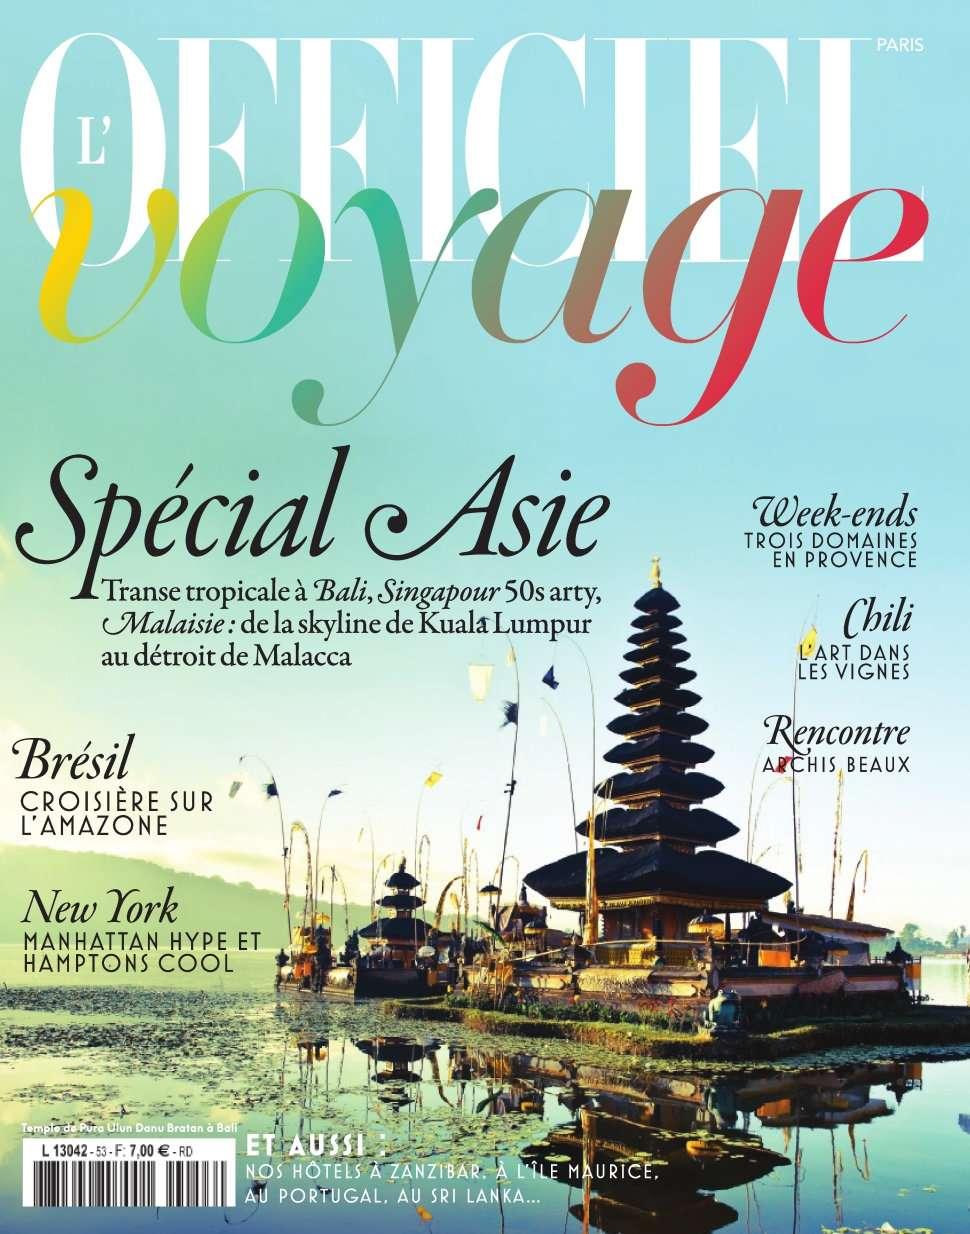 L'Officiel Voyage 53 - 2016